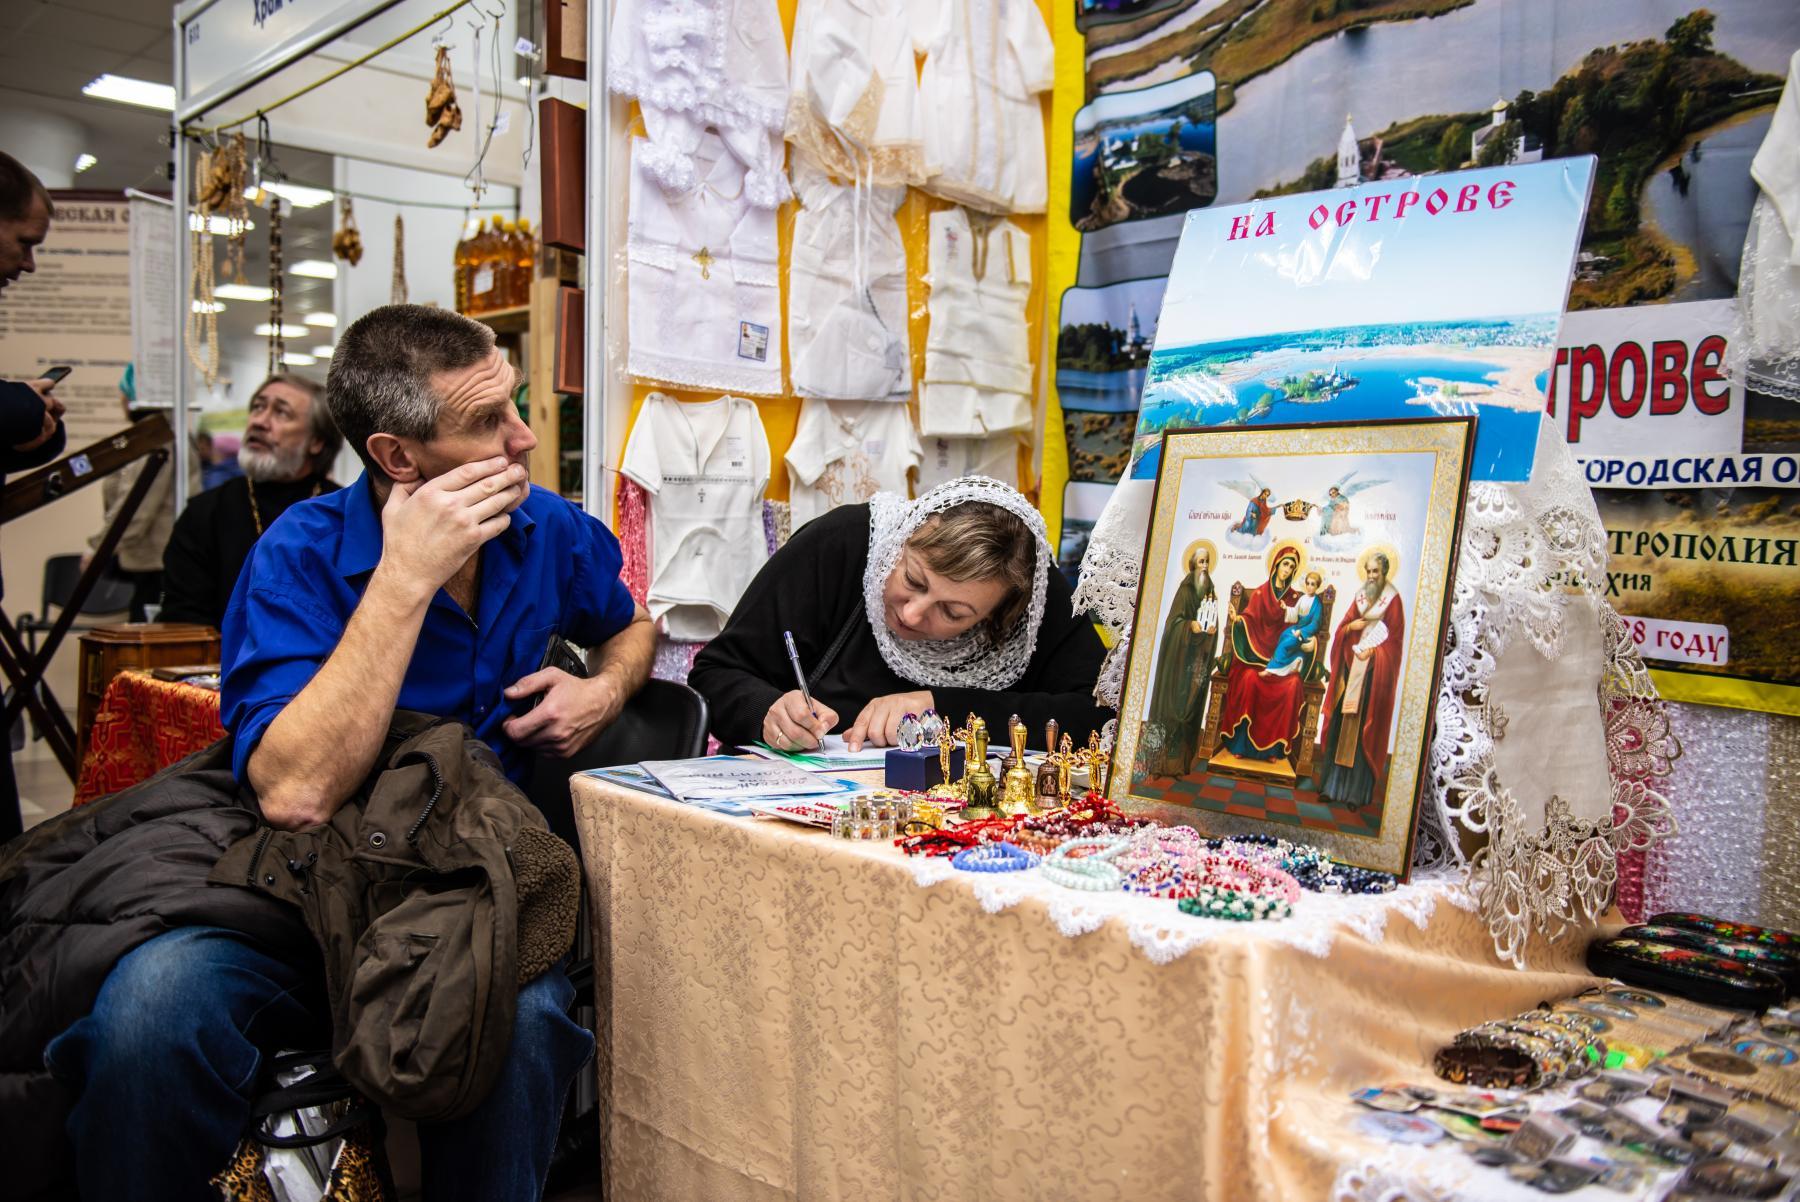 Фото «Этот Псалтырь – просто бестселлер!»: как новосибирцев зазывают на православную ярмарку 13